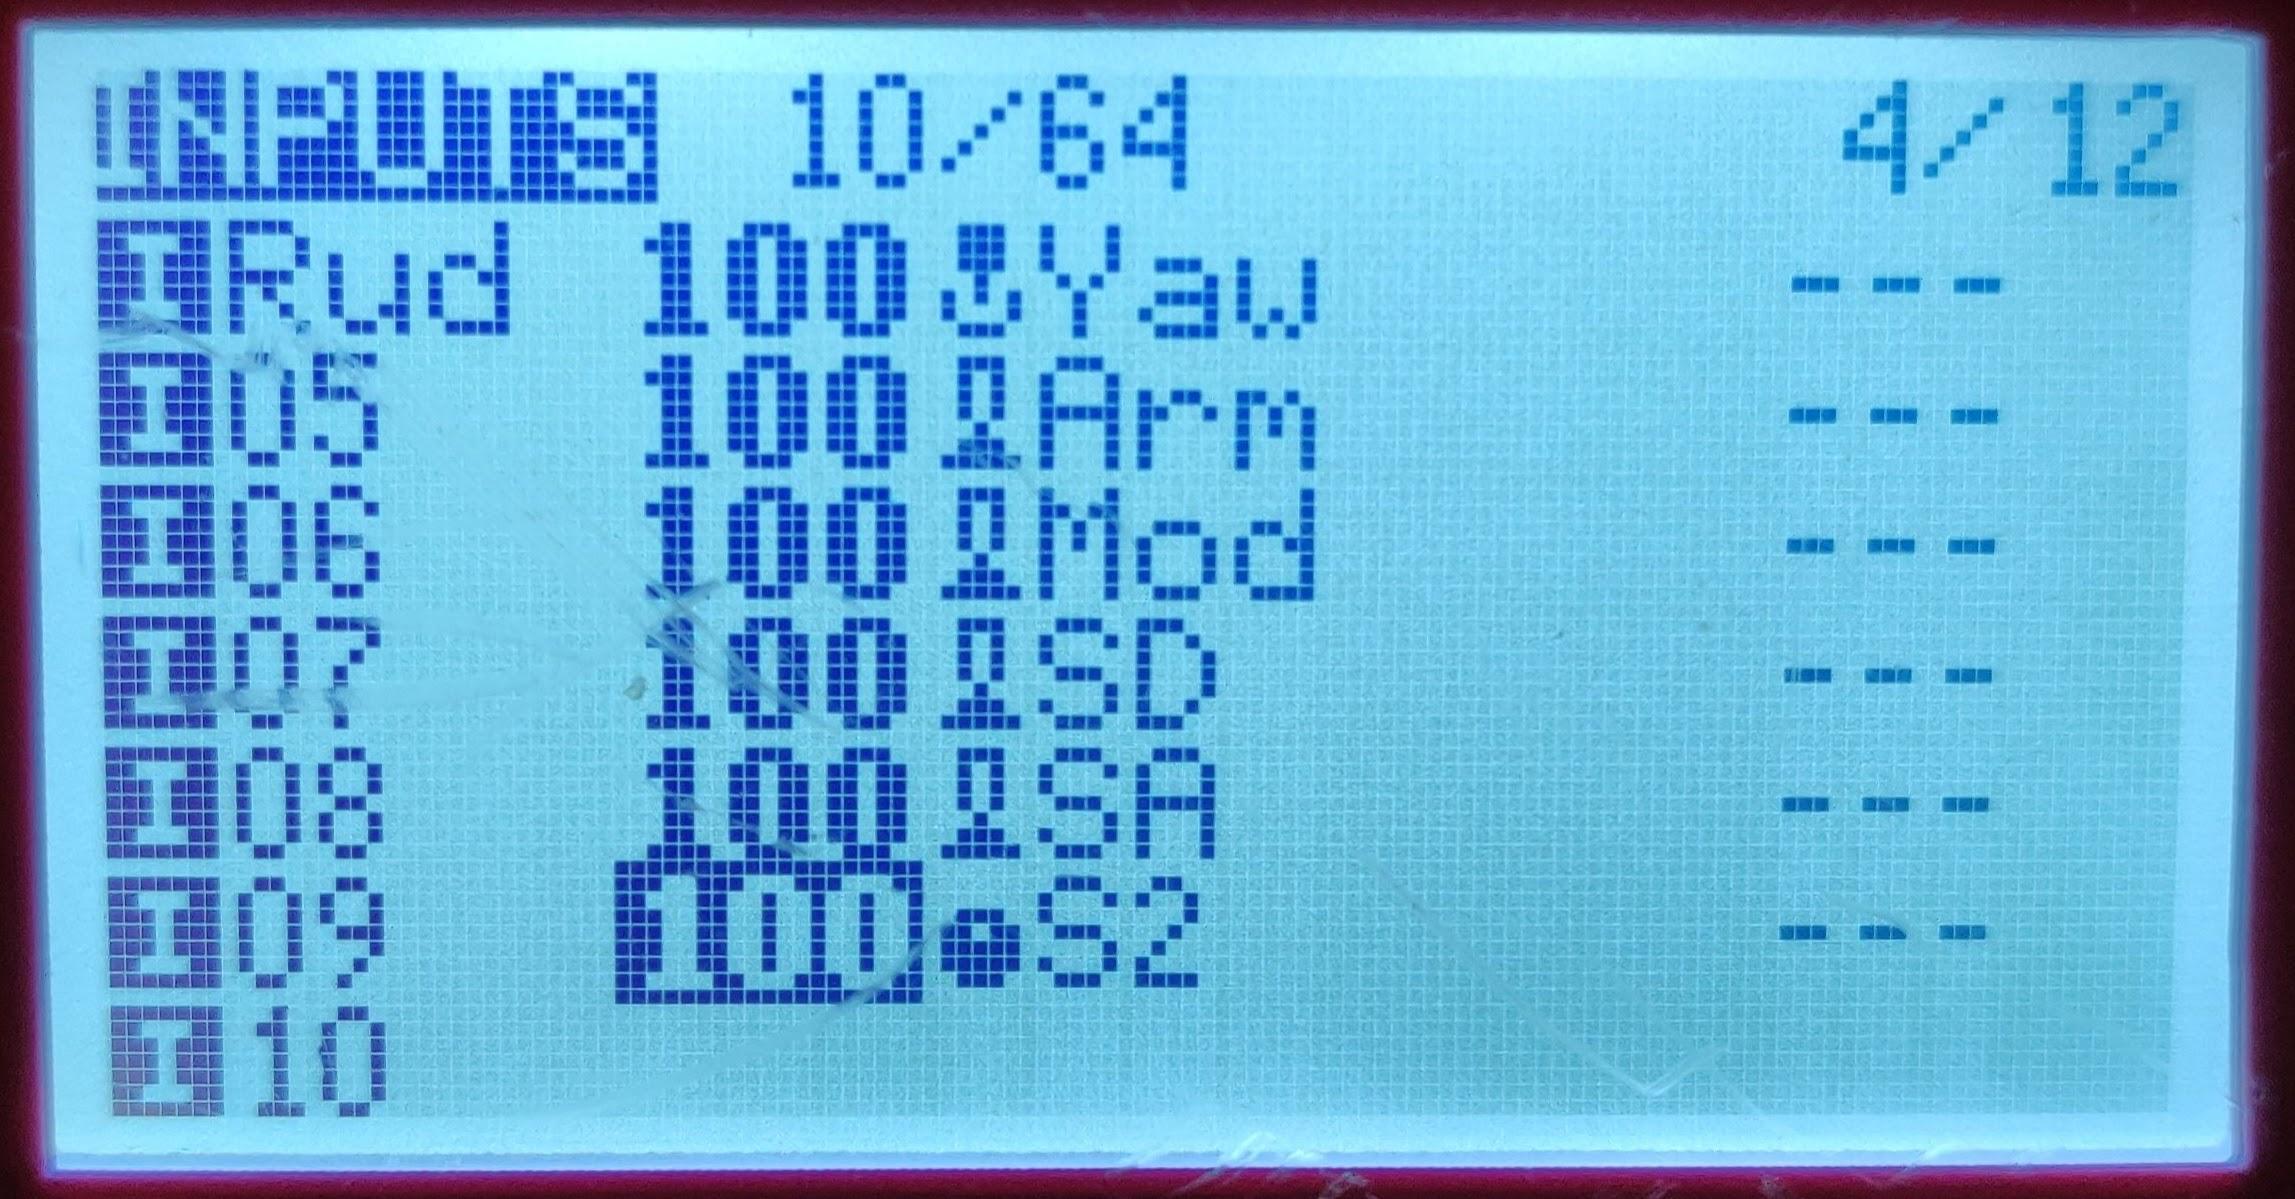 Inputs tab